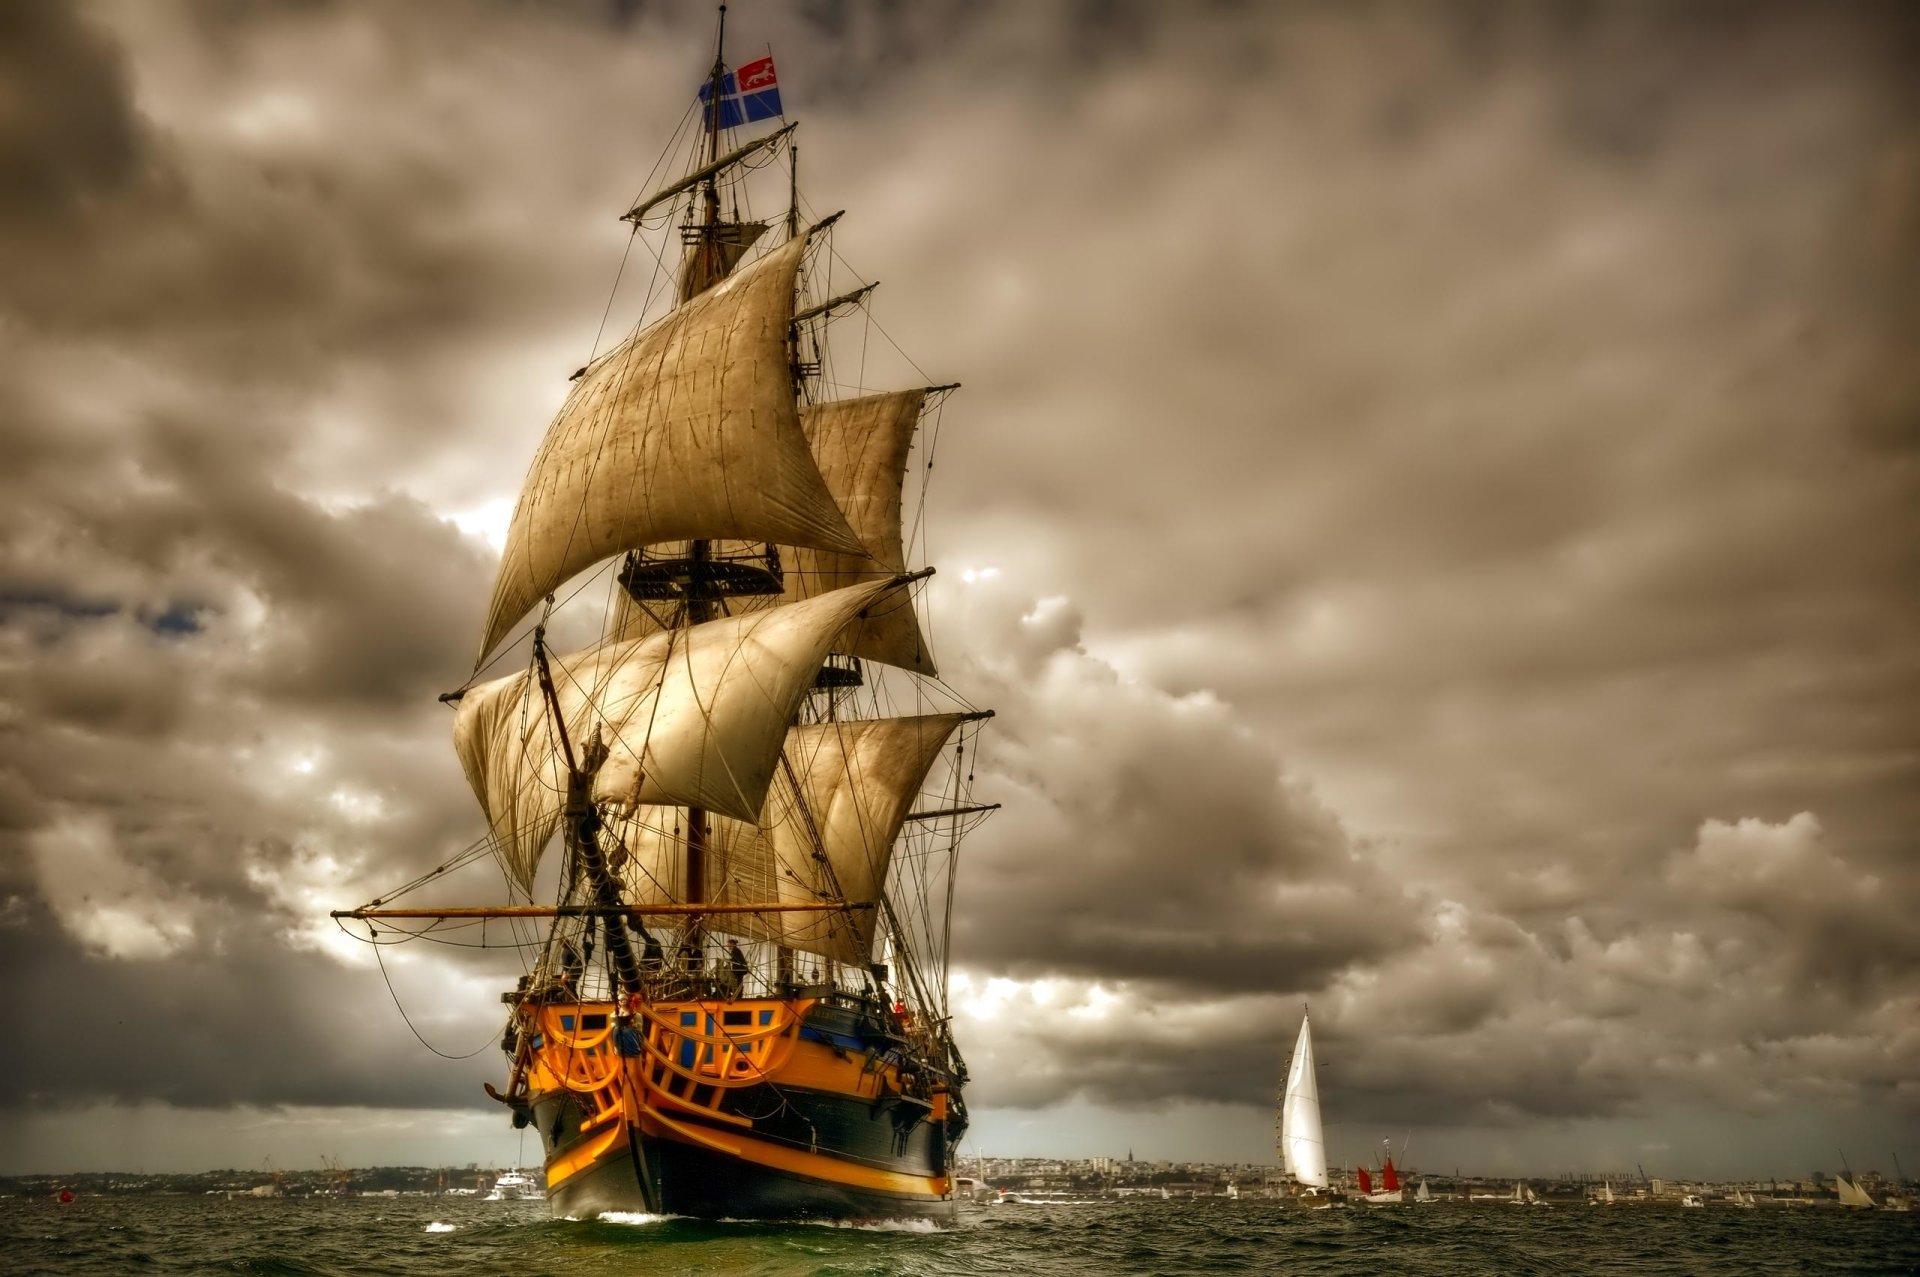 Vehicles - Sailing Ship  Sky Ship Boat Vehicle Sailing Cloud Sailboat Sea Ocean Sail Wallpaper